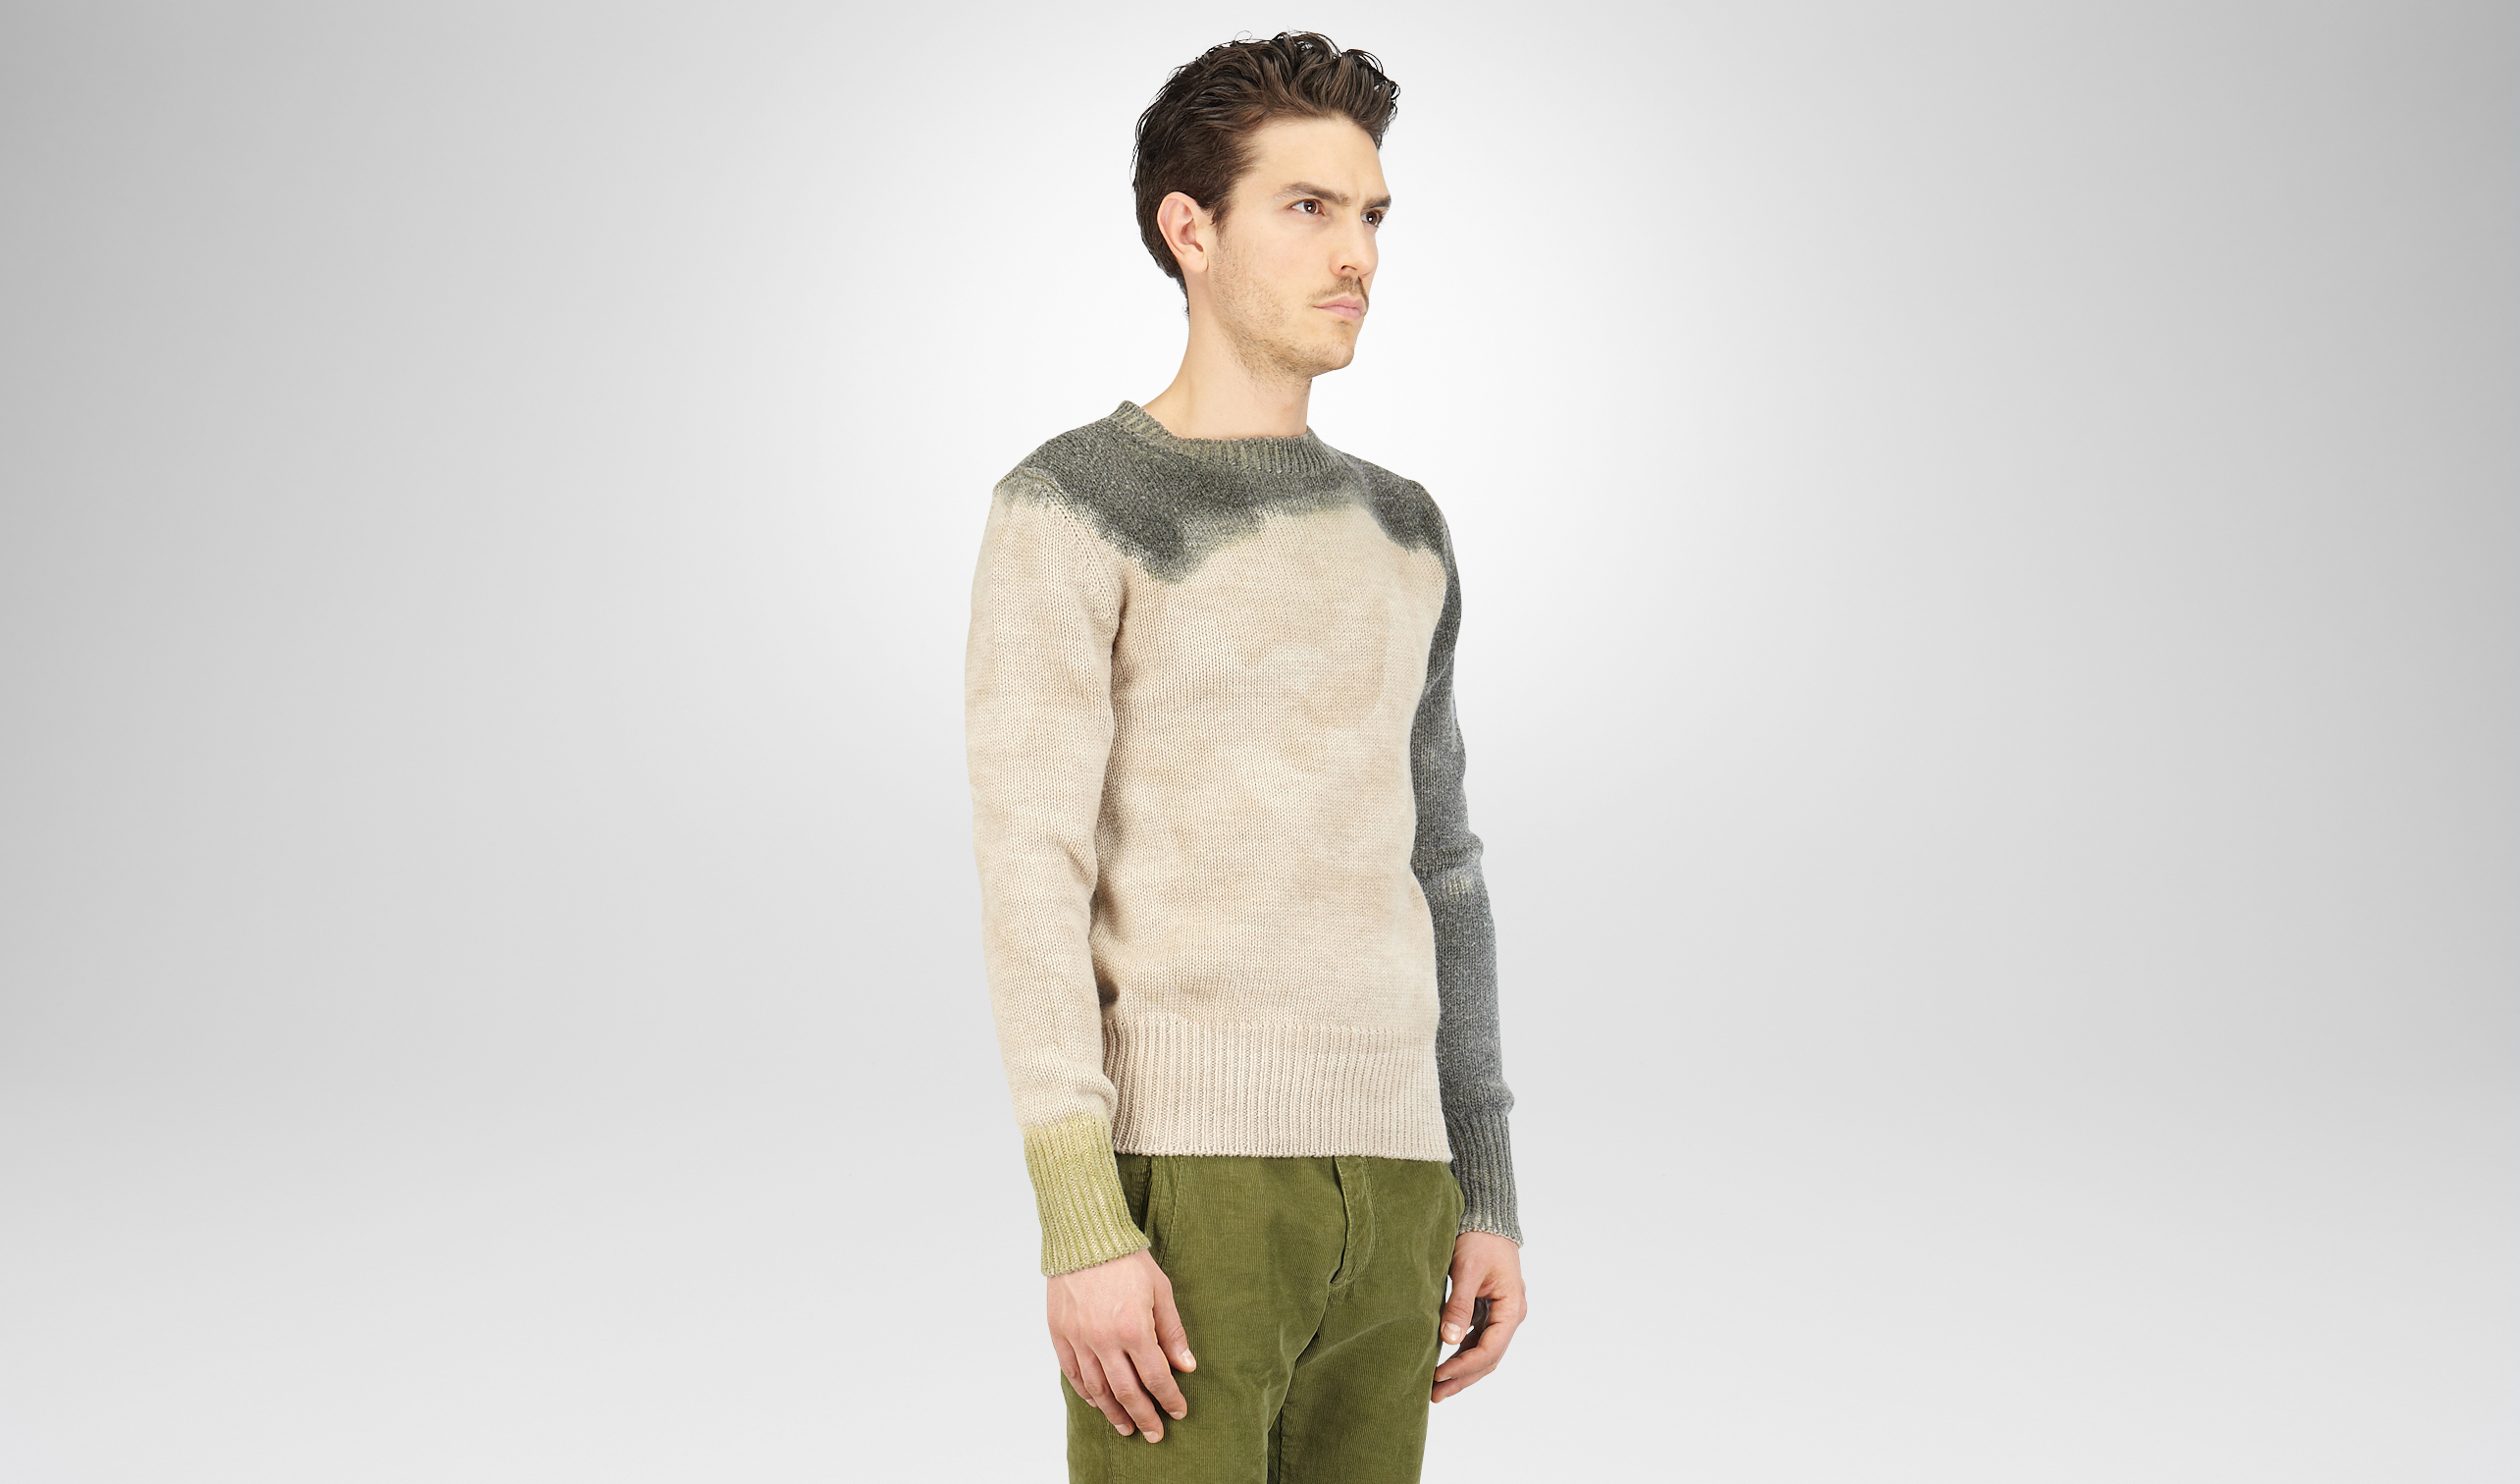 迷雾灰搭配军绿色羊毛毛衣